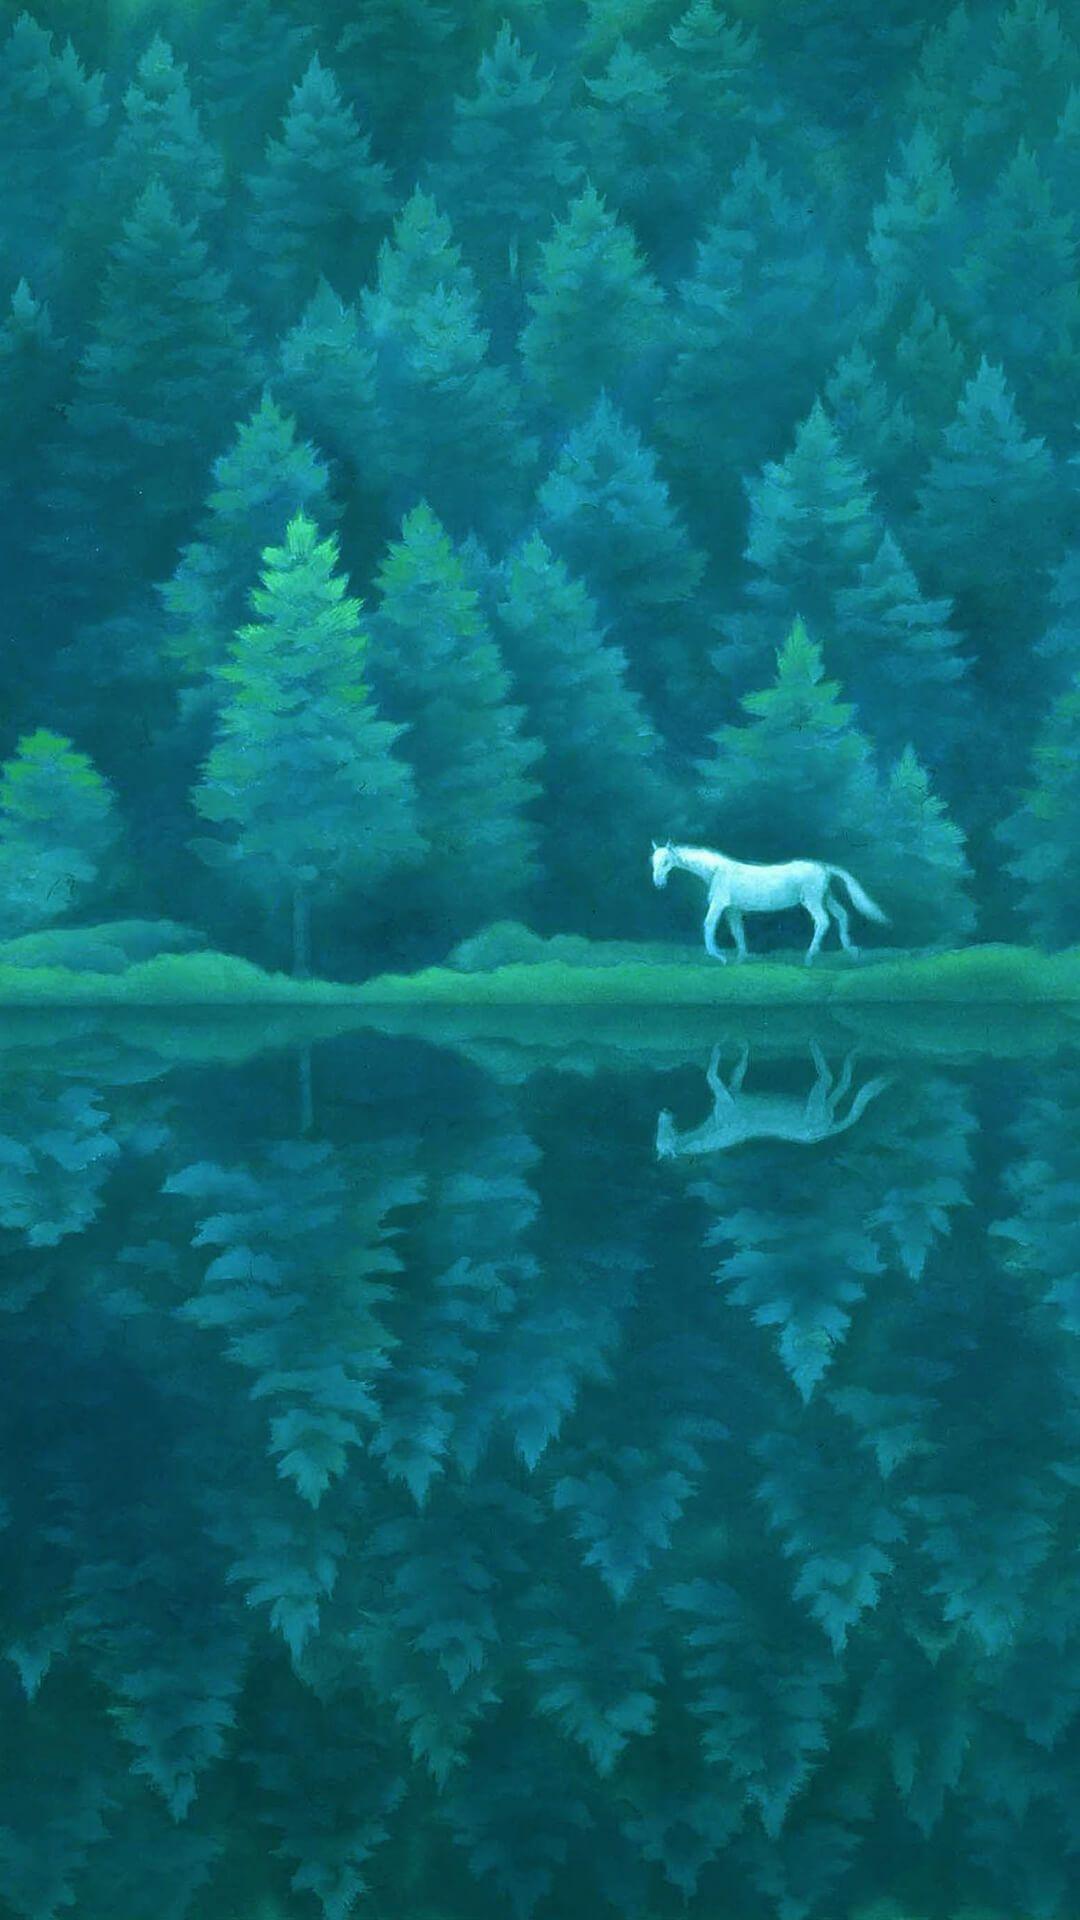 東山魁夷 Higashiyama Kaii 緑響く 1080x19 御射鹿池 日本画 風景デッサン